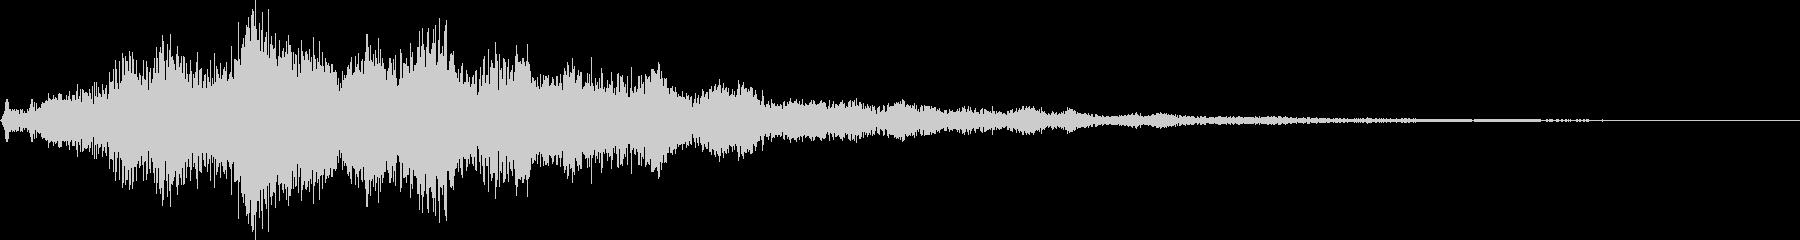 シネマティック サウンドロゴ クール系の未再生の波形